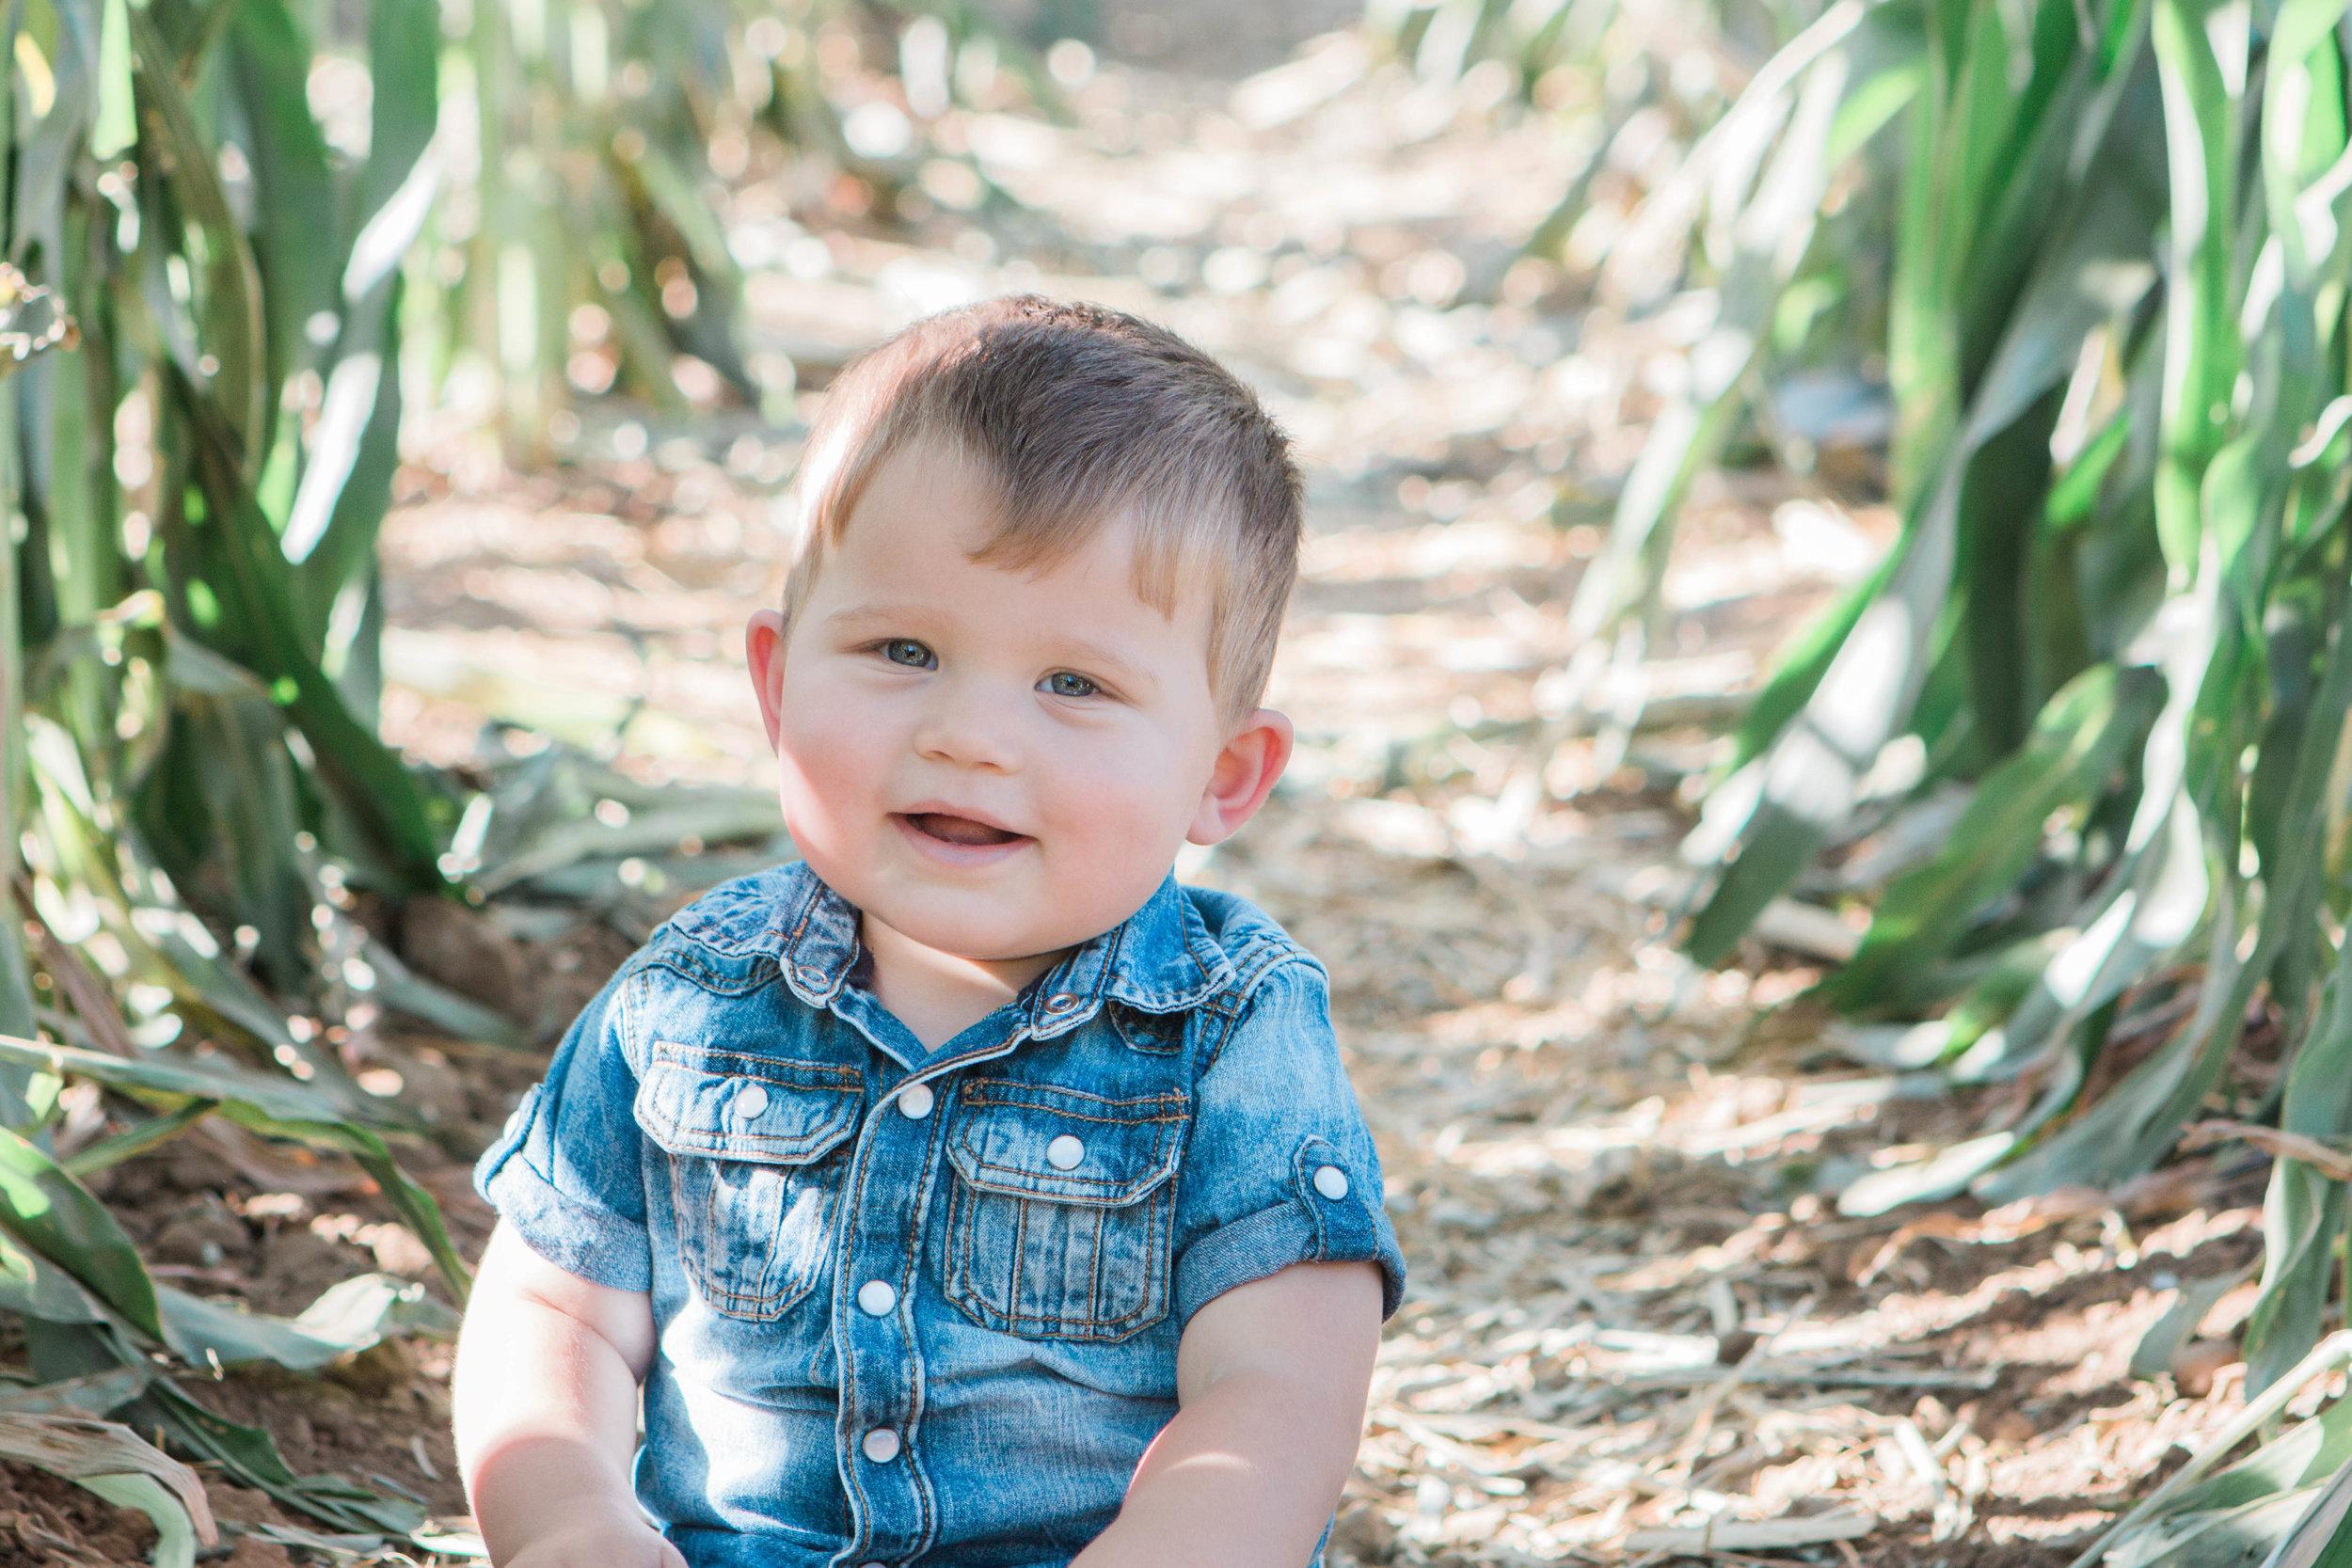 18 months old |October 2015